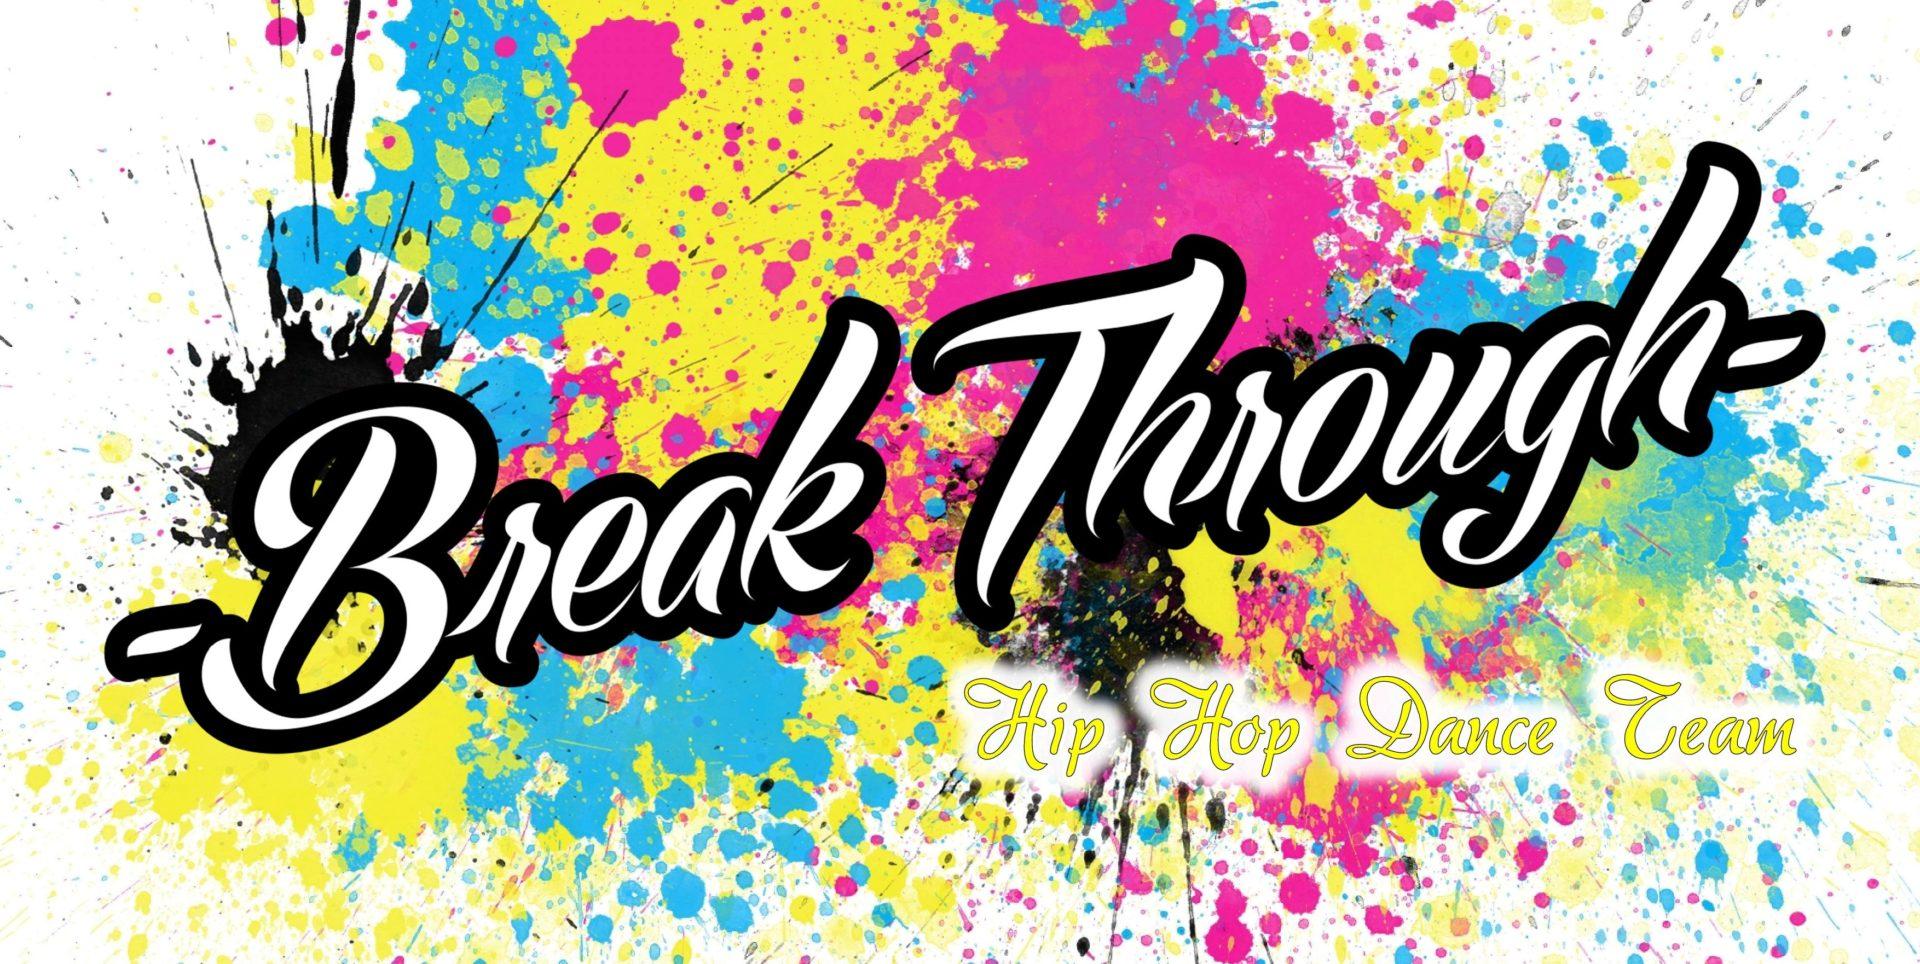 12月8日のレッスンとイベントについて【break through】